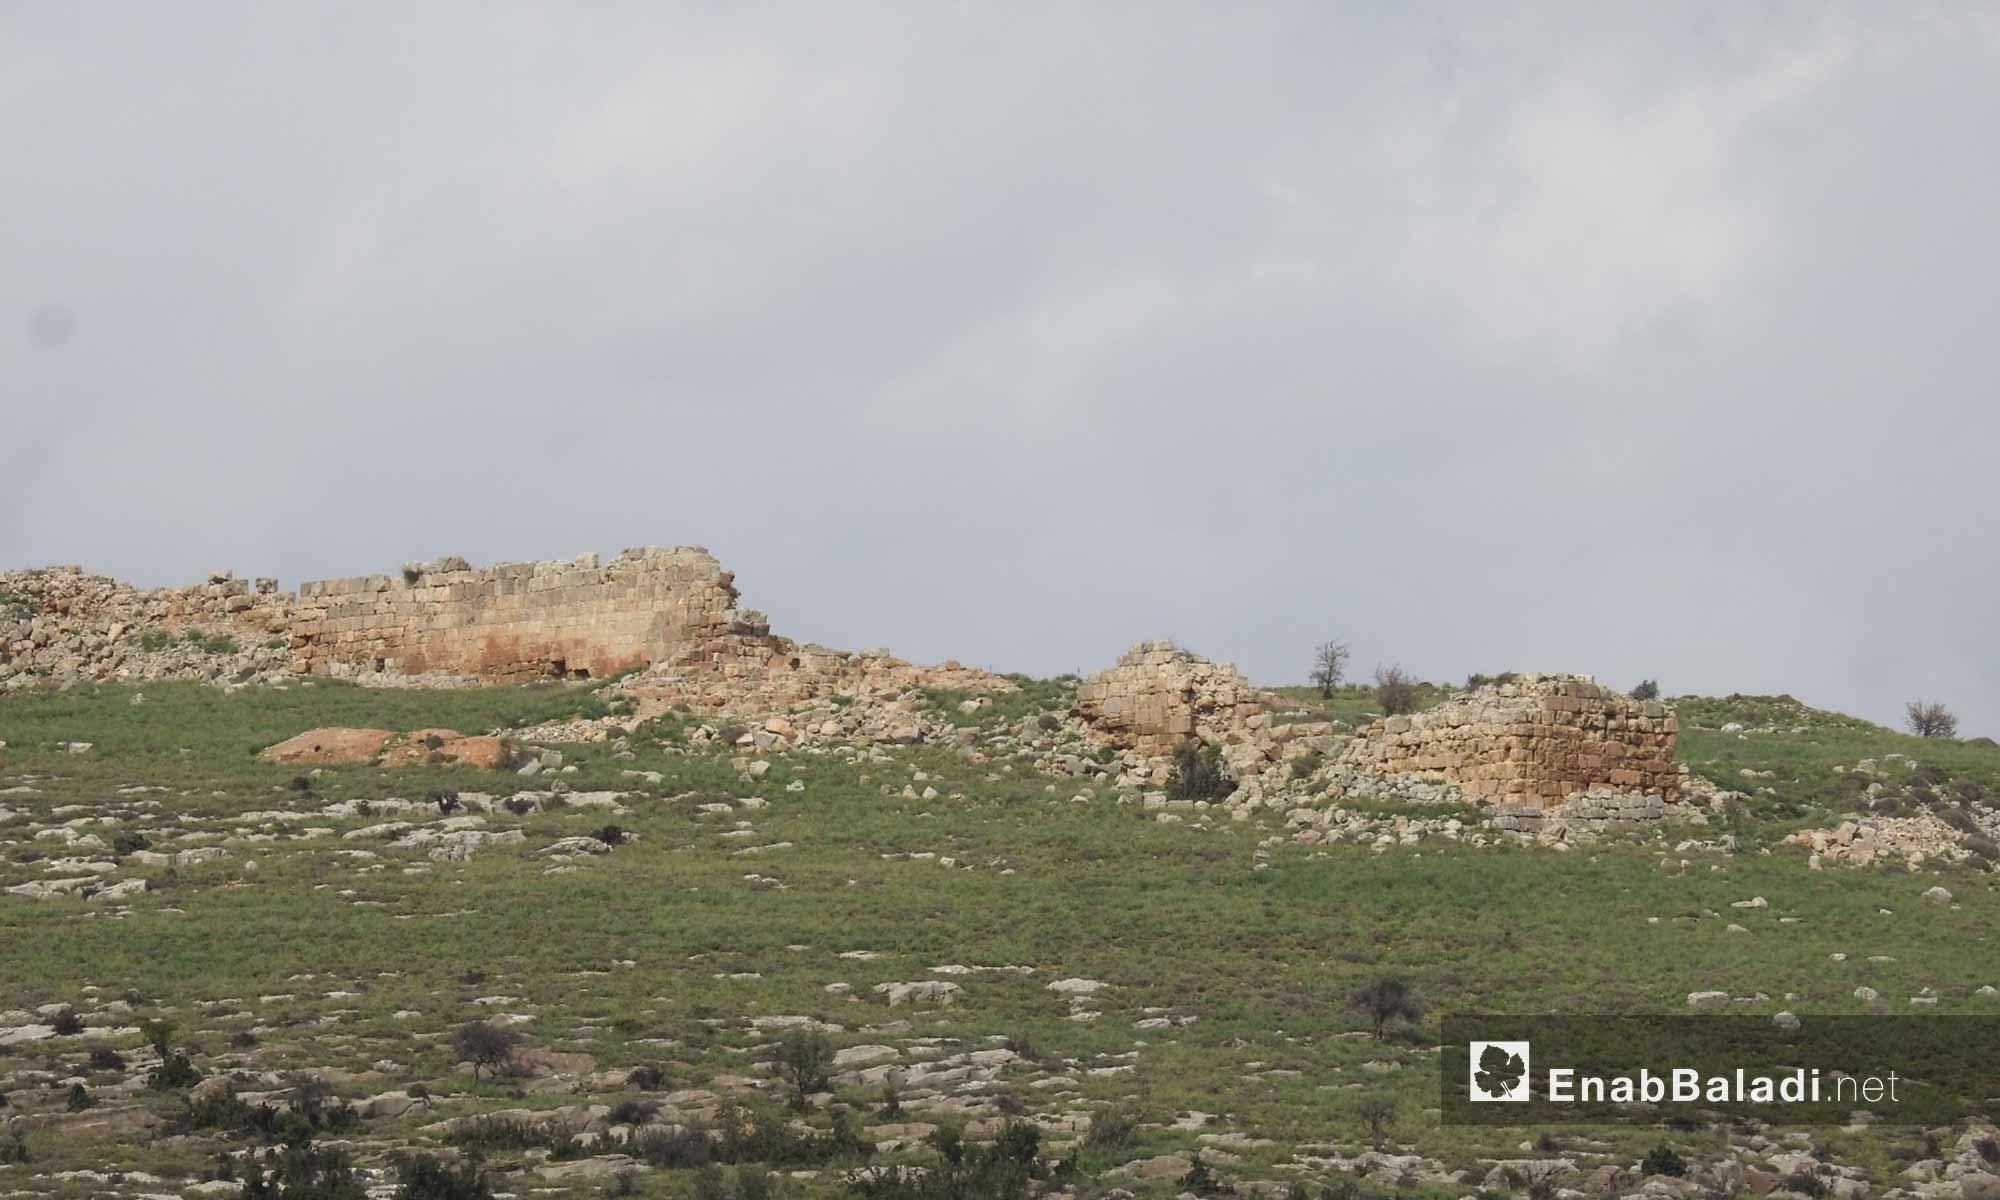 مقام النبي هوري الأثري شمالي منطقة عفرين - 2 آذار 2018 (عنب بلدي)